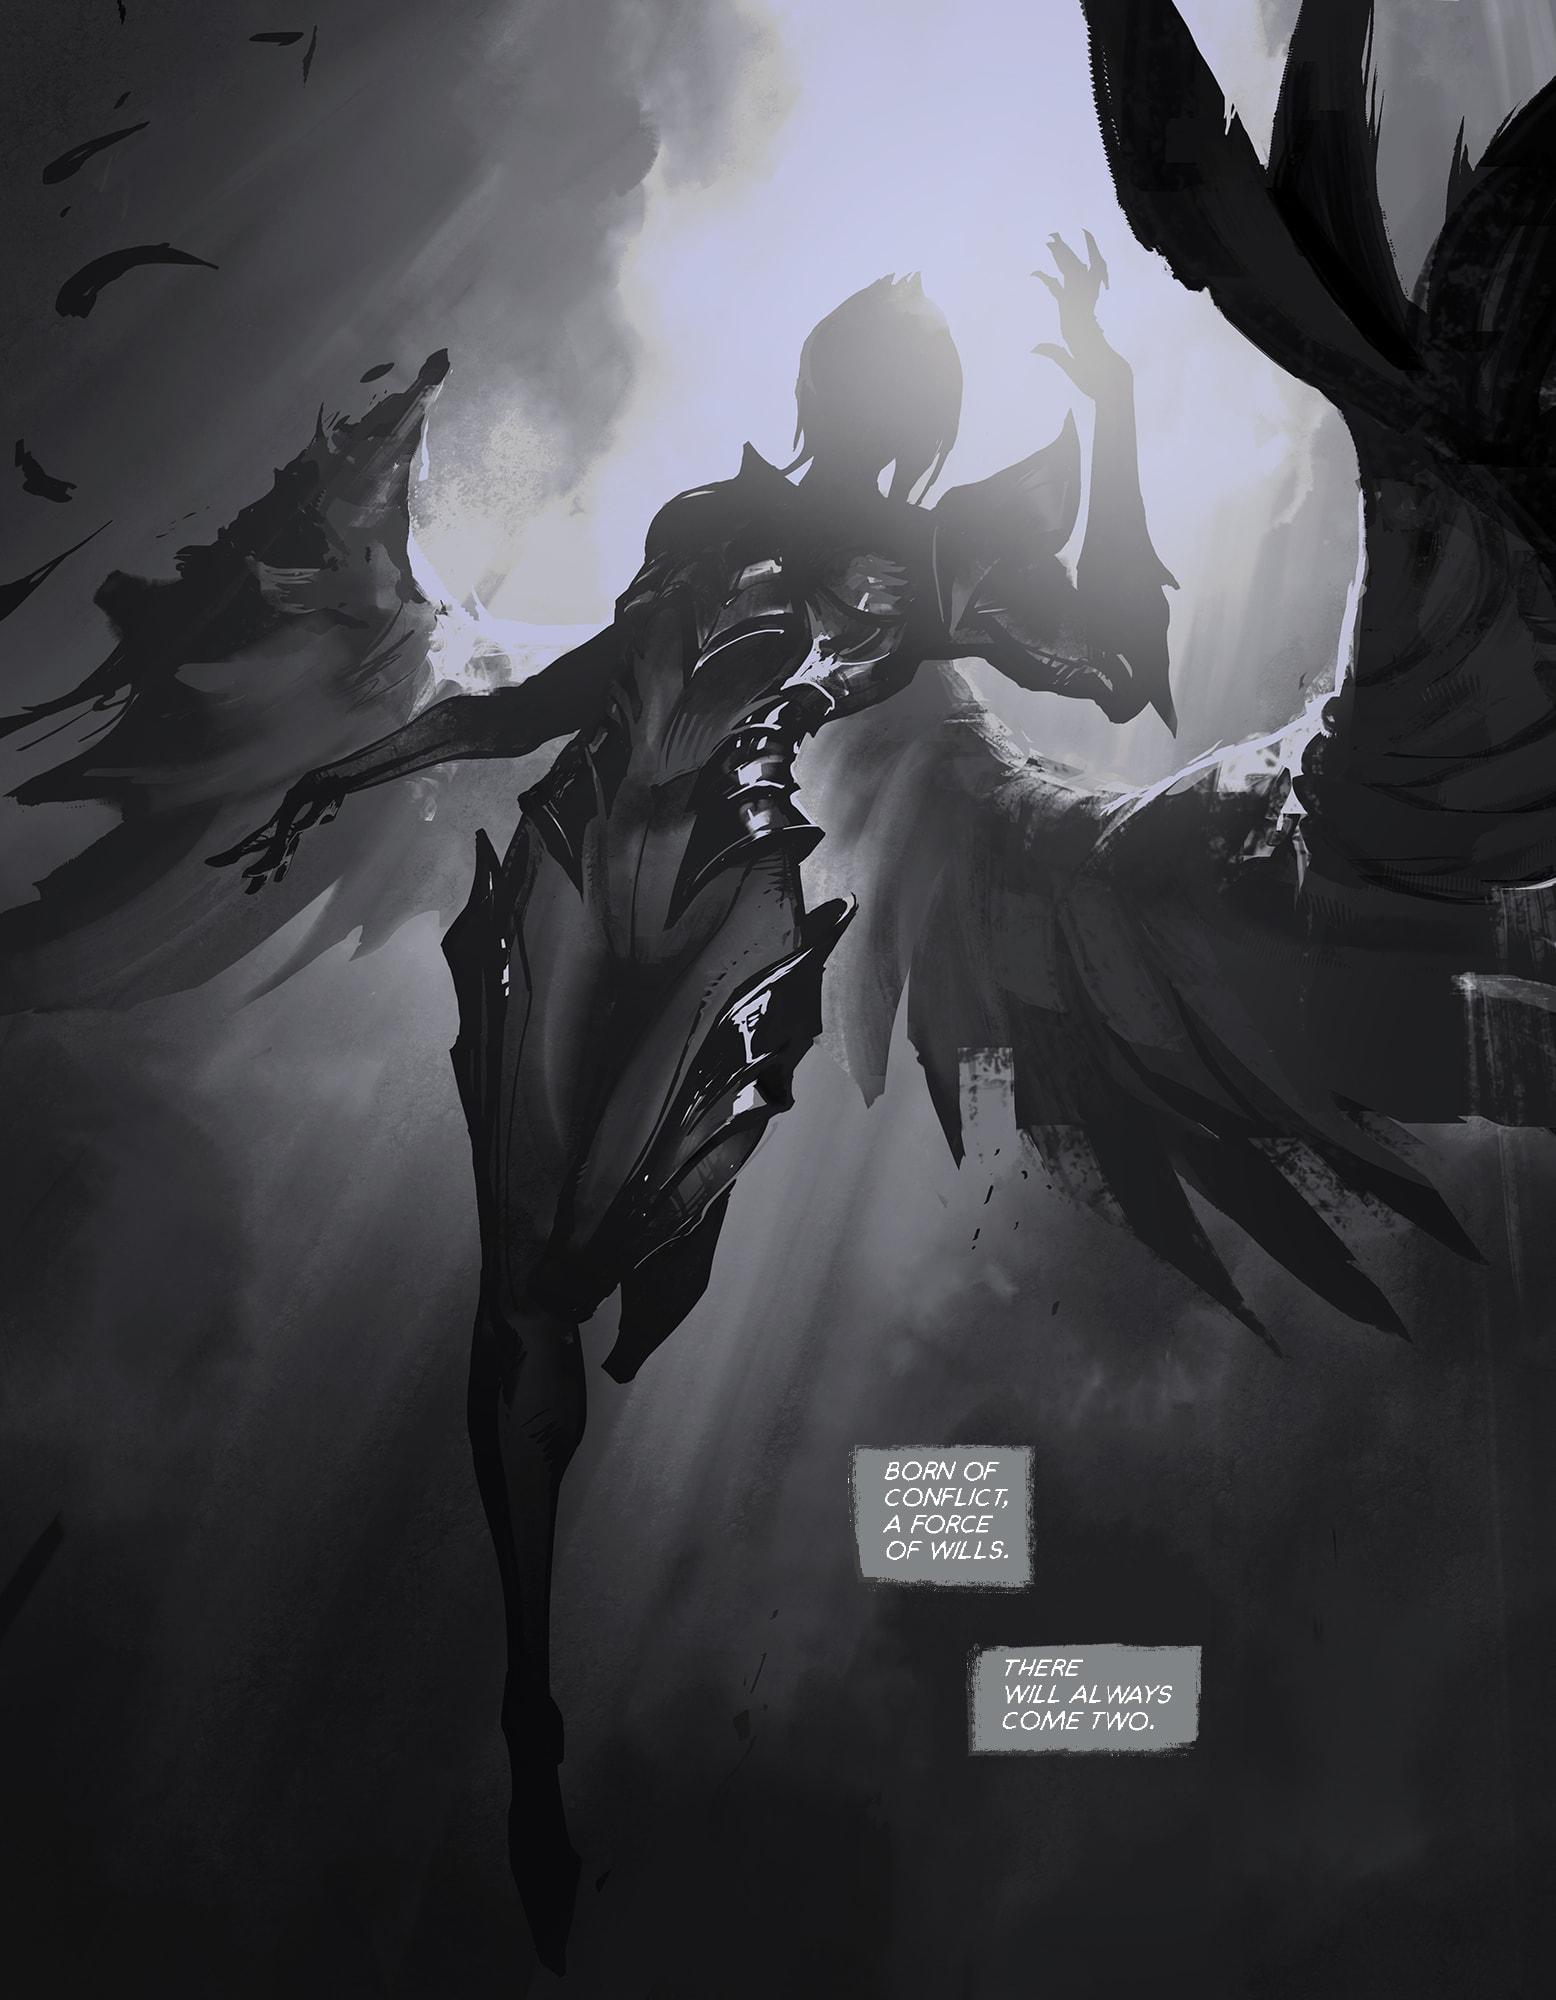 Dawnbringer Riven establishes a reign of order